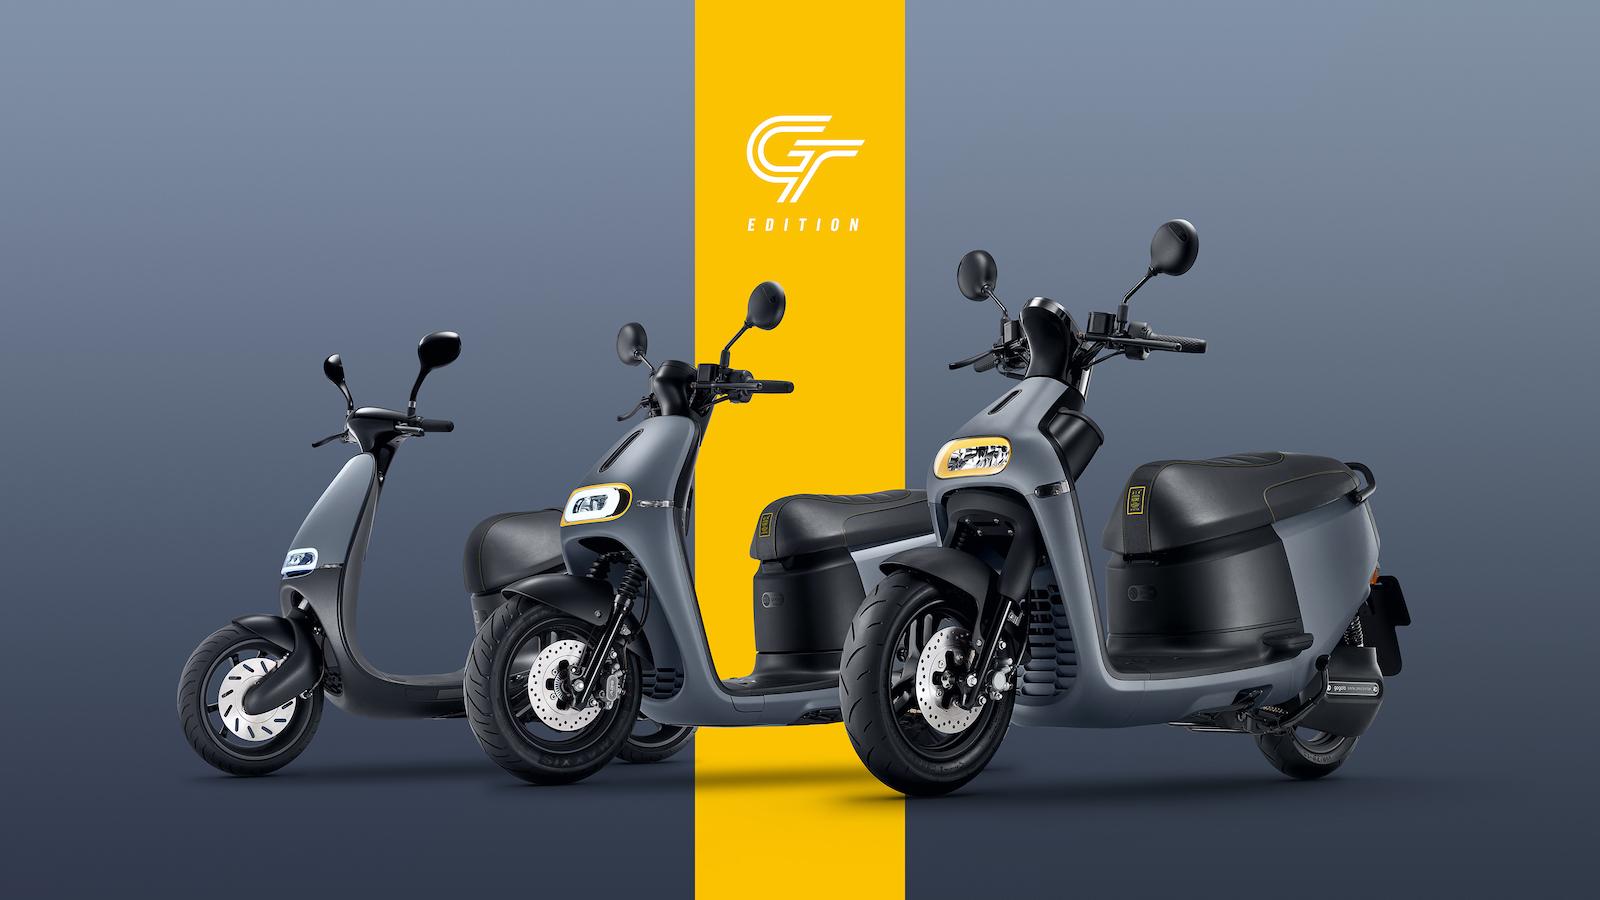 Gogoro 1、2、3 系列同步推出 GT edition 特仕車,補助後 55,980 元起